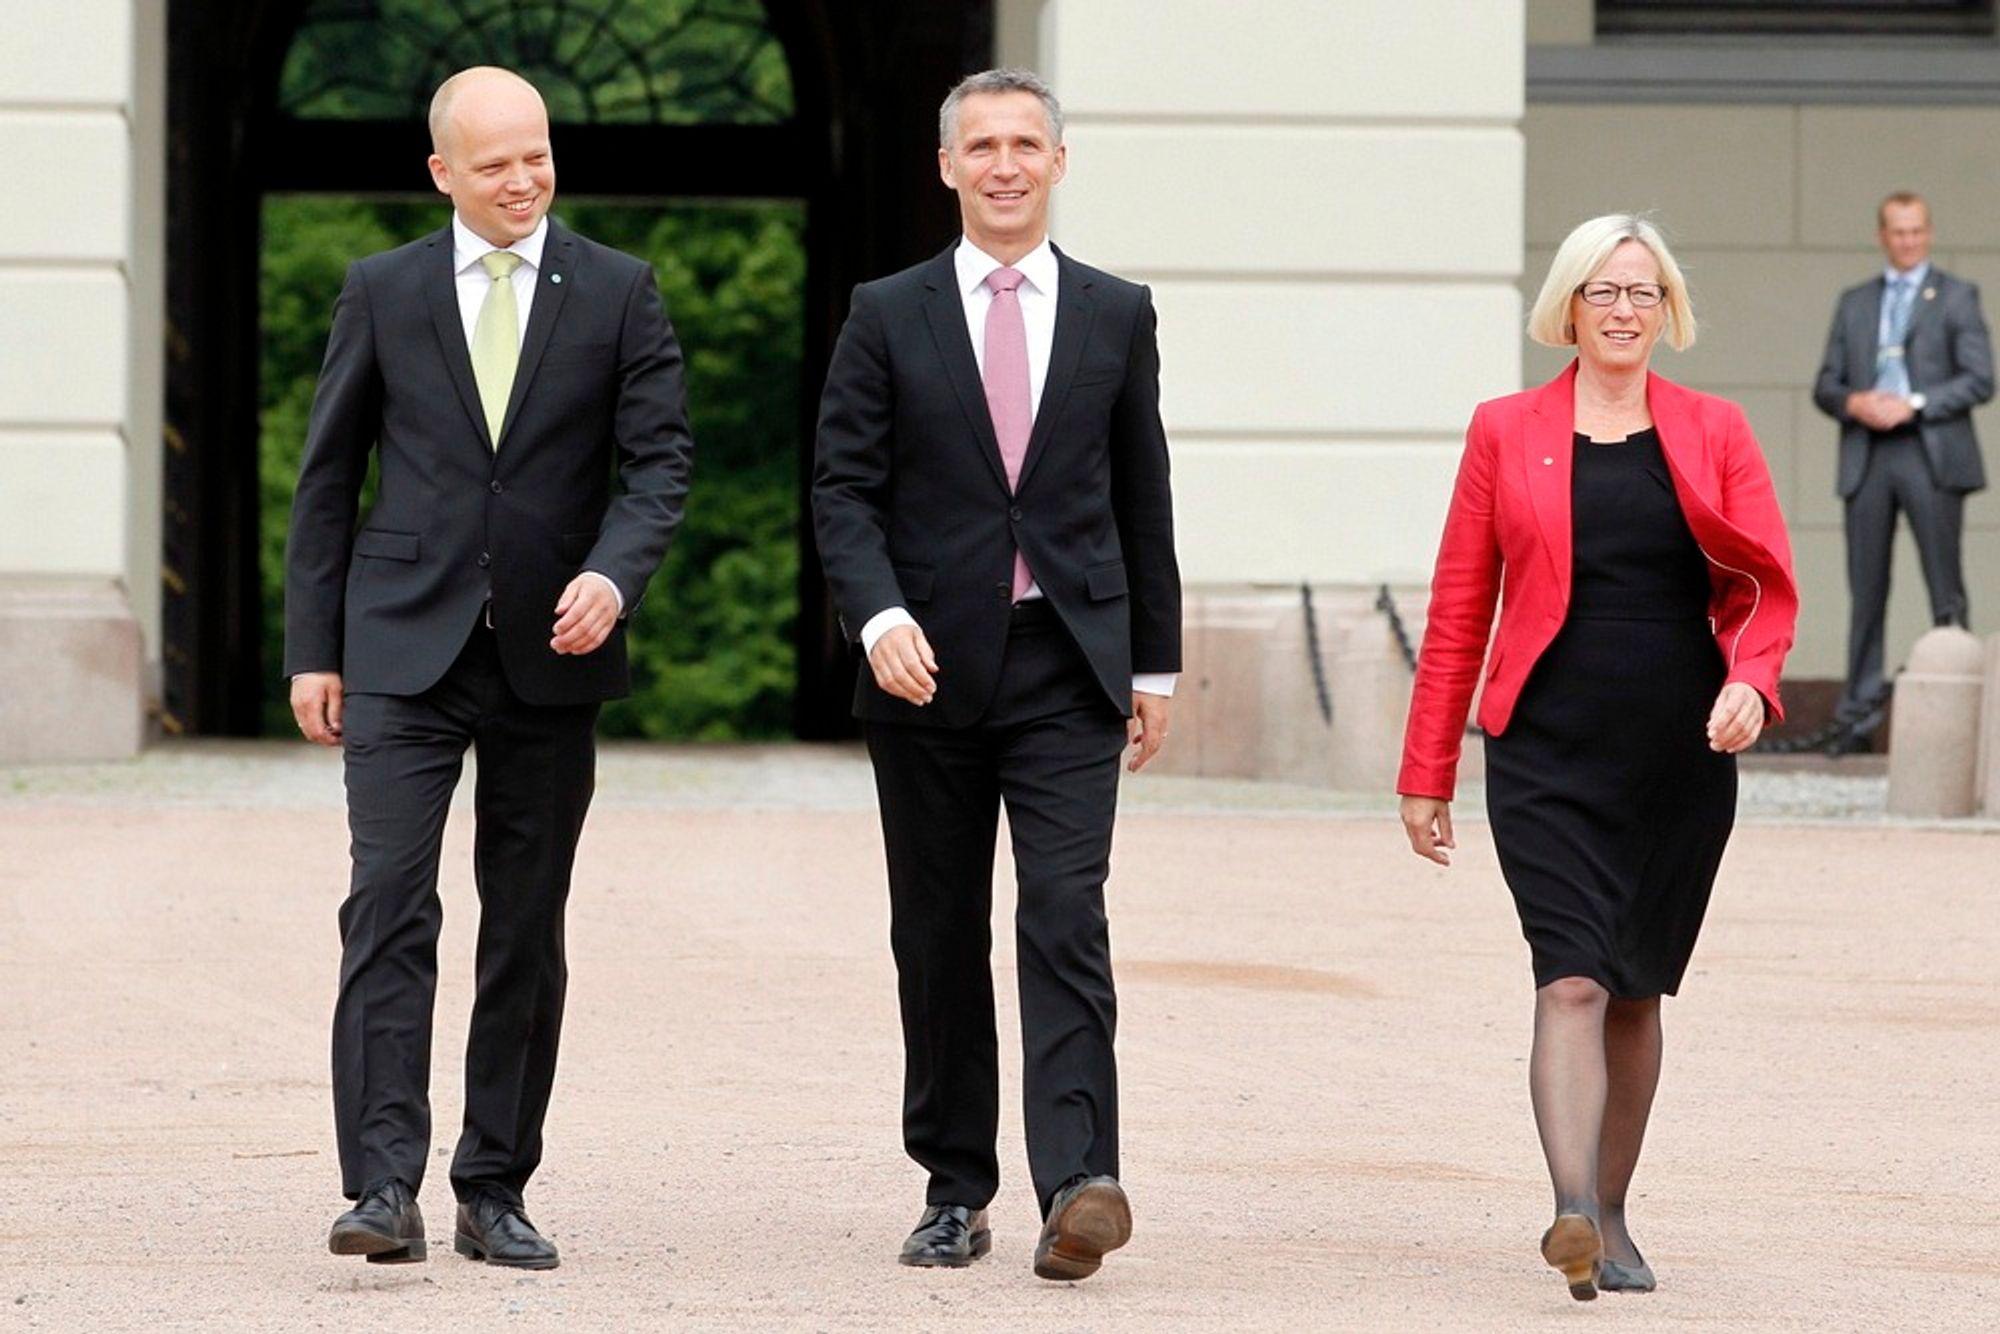 Statsminister Jens Stoltenberg presenterte mandag Trygve Slagsvold Vedum som ny landbruksminister og Marit Arnstad som ny samferdselsminister.